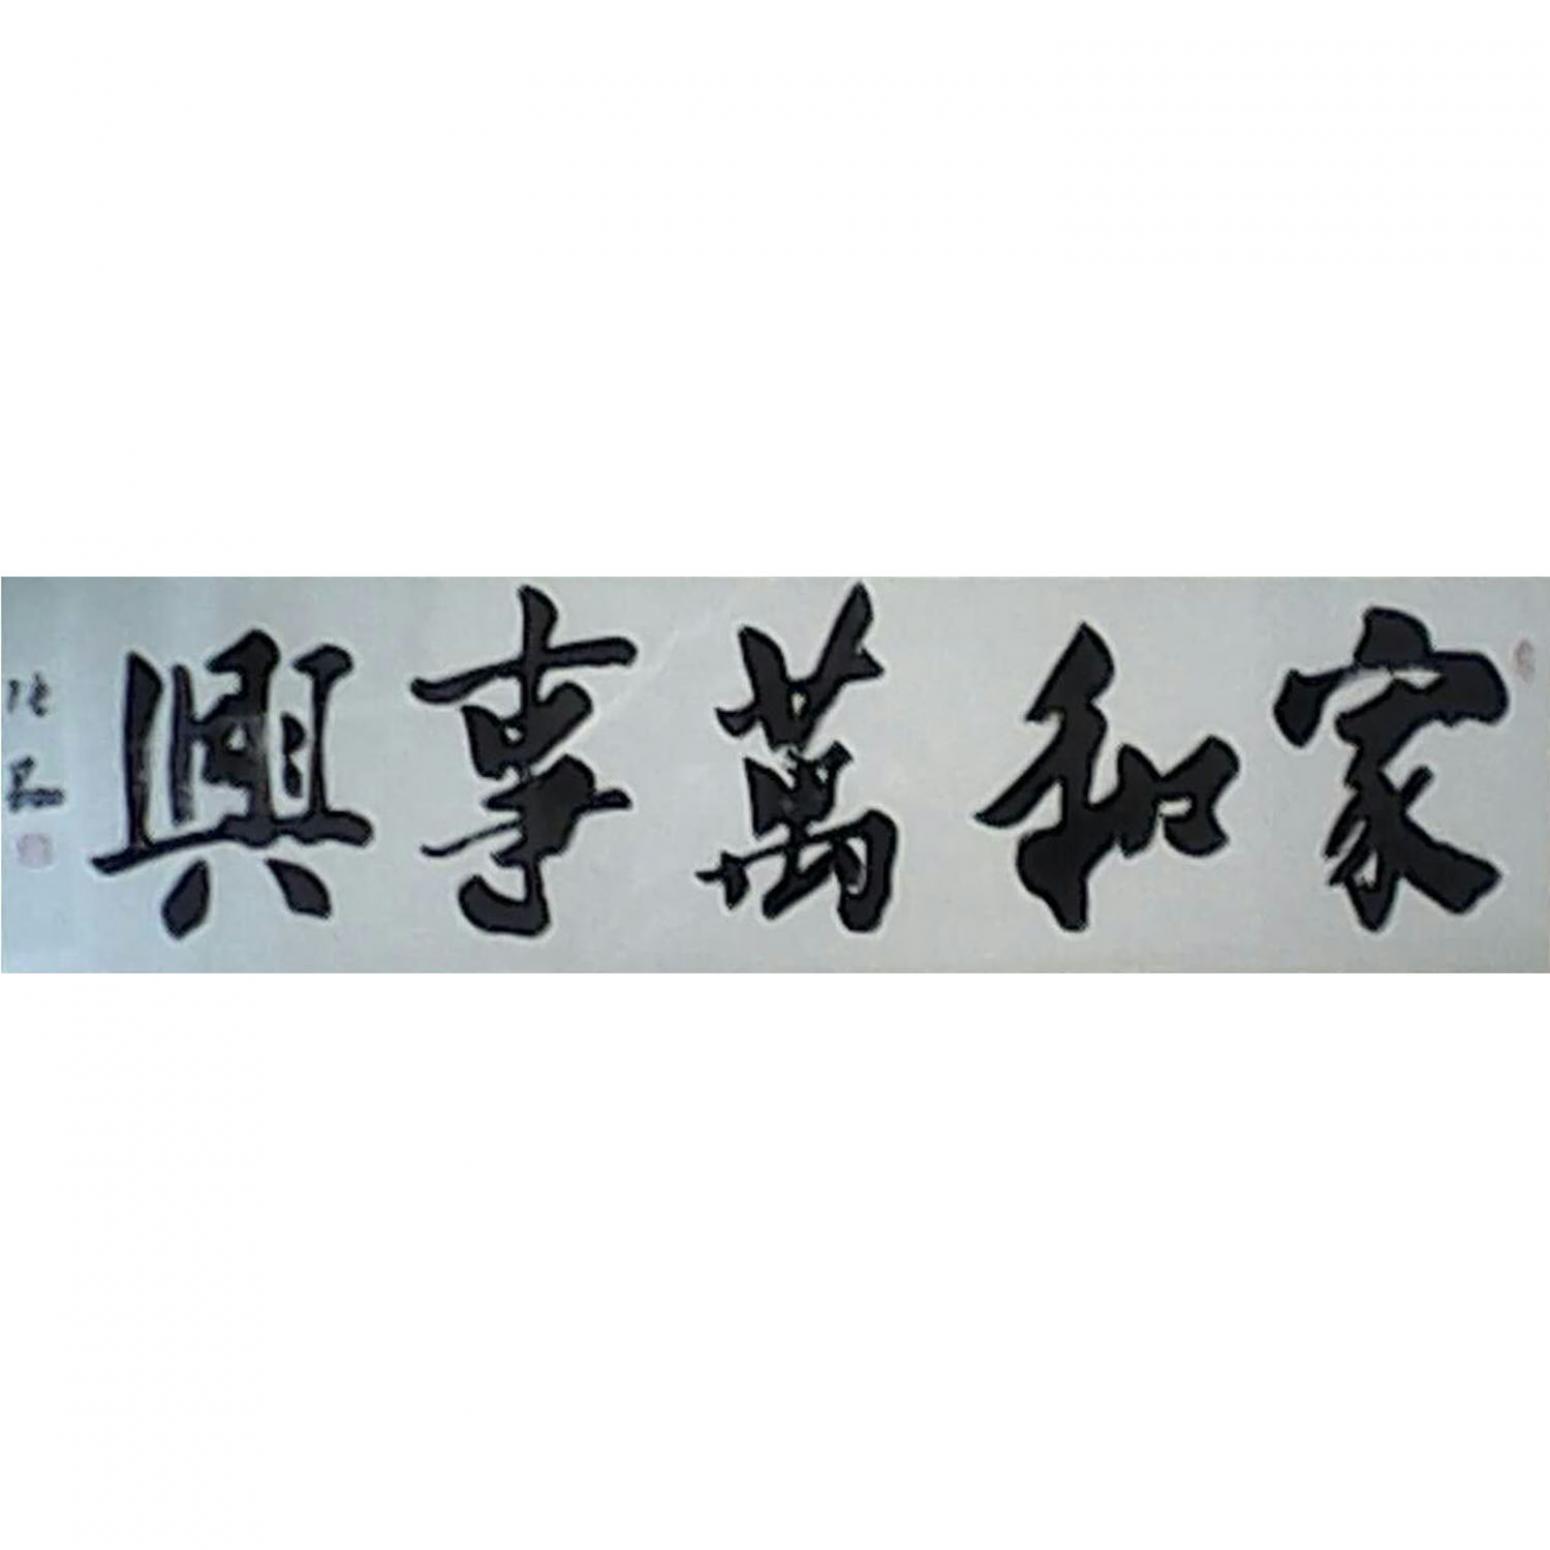 张翔书法作品《【家和万事兴】作者张翔》